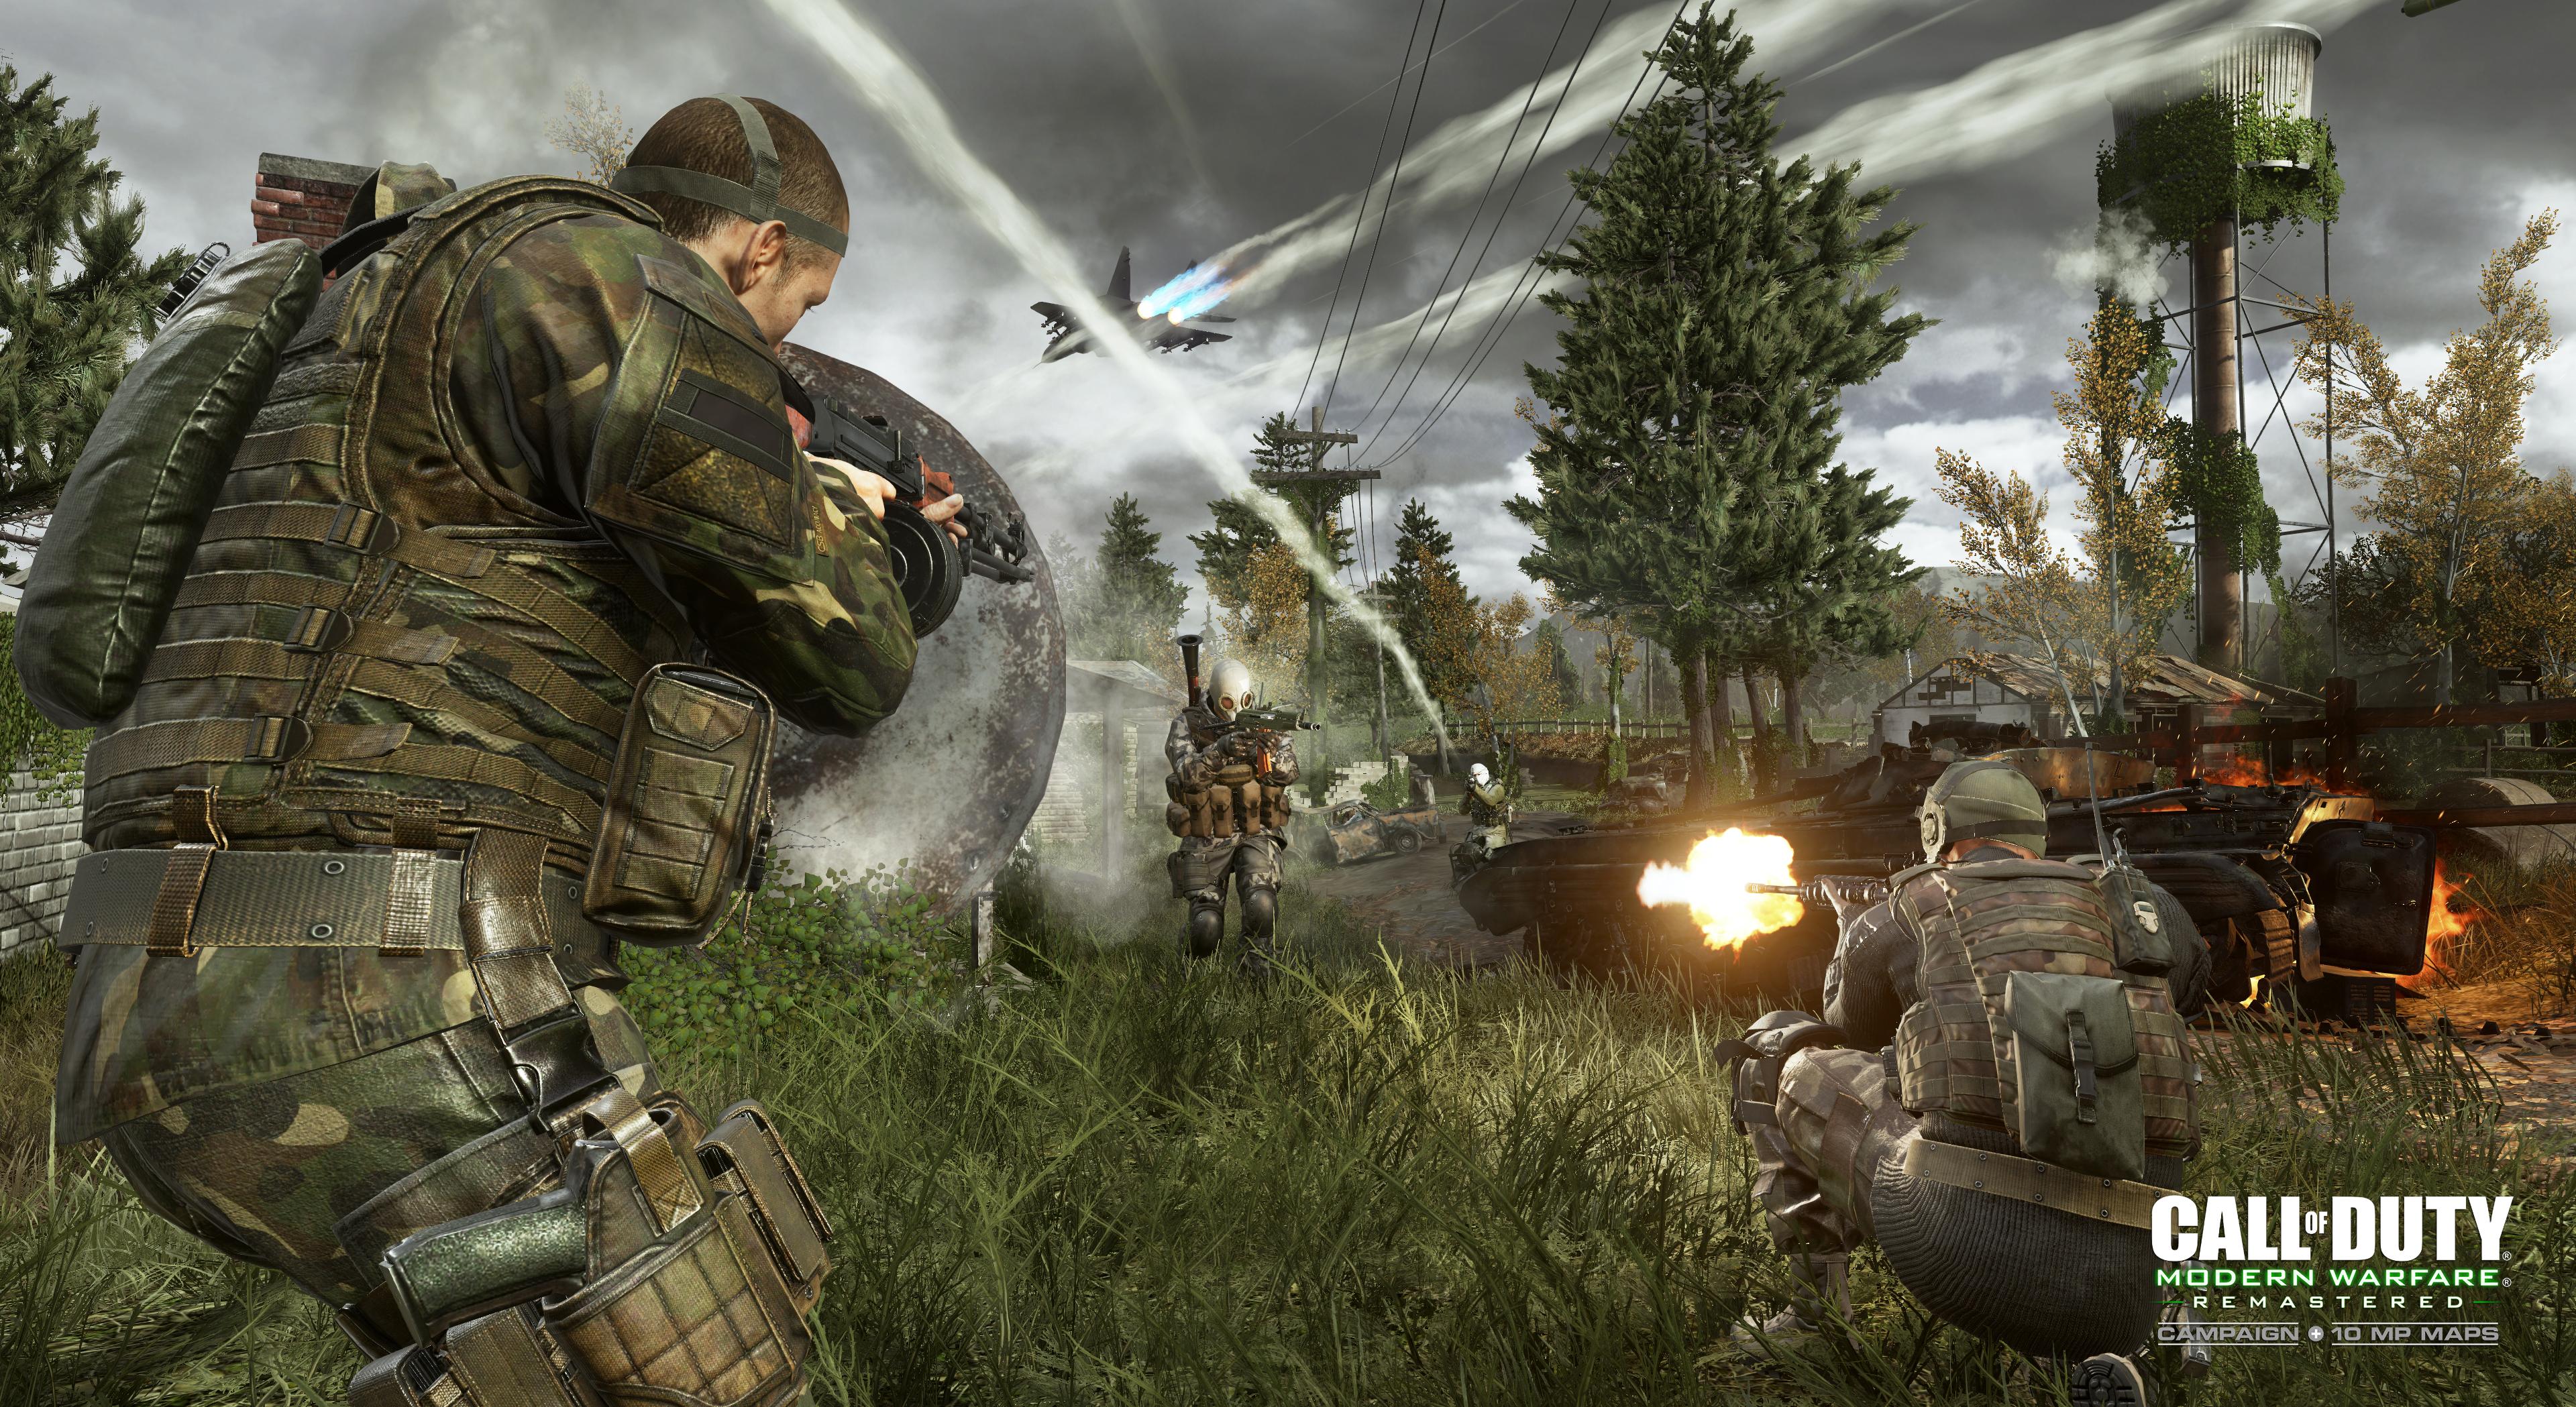 COD Modern Warfare Remastered_MP_Overgrown 1_WM